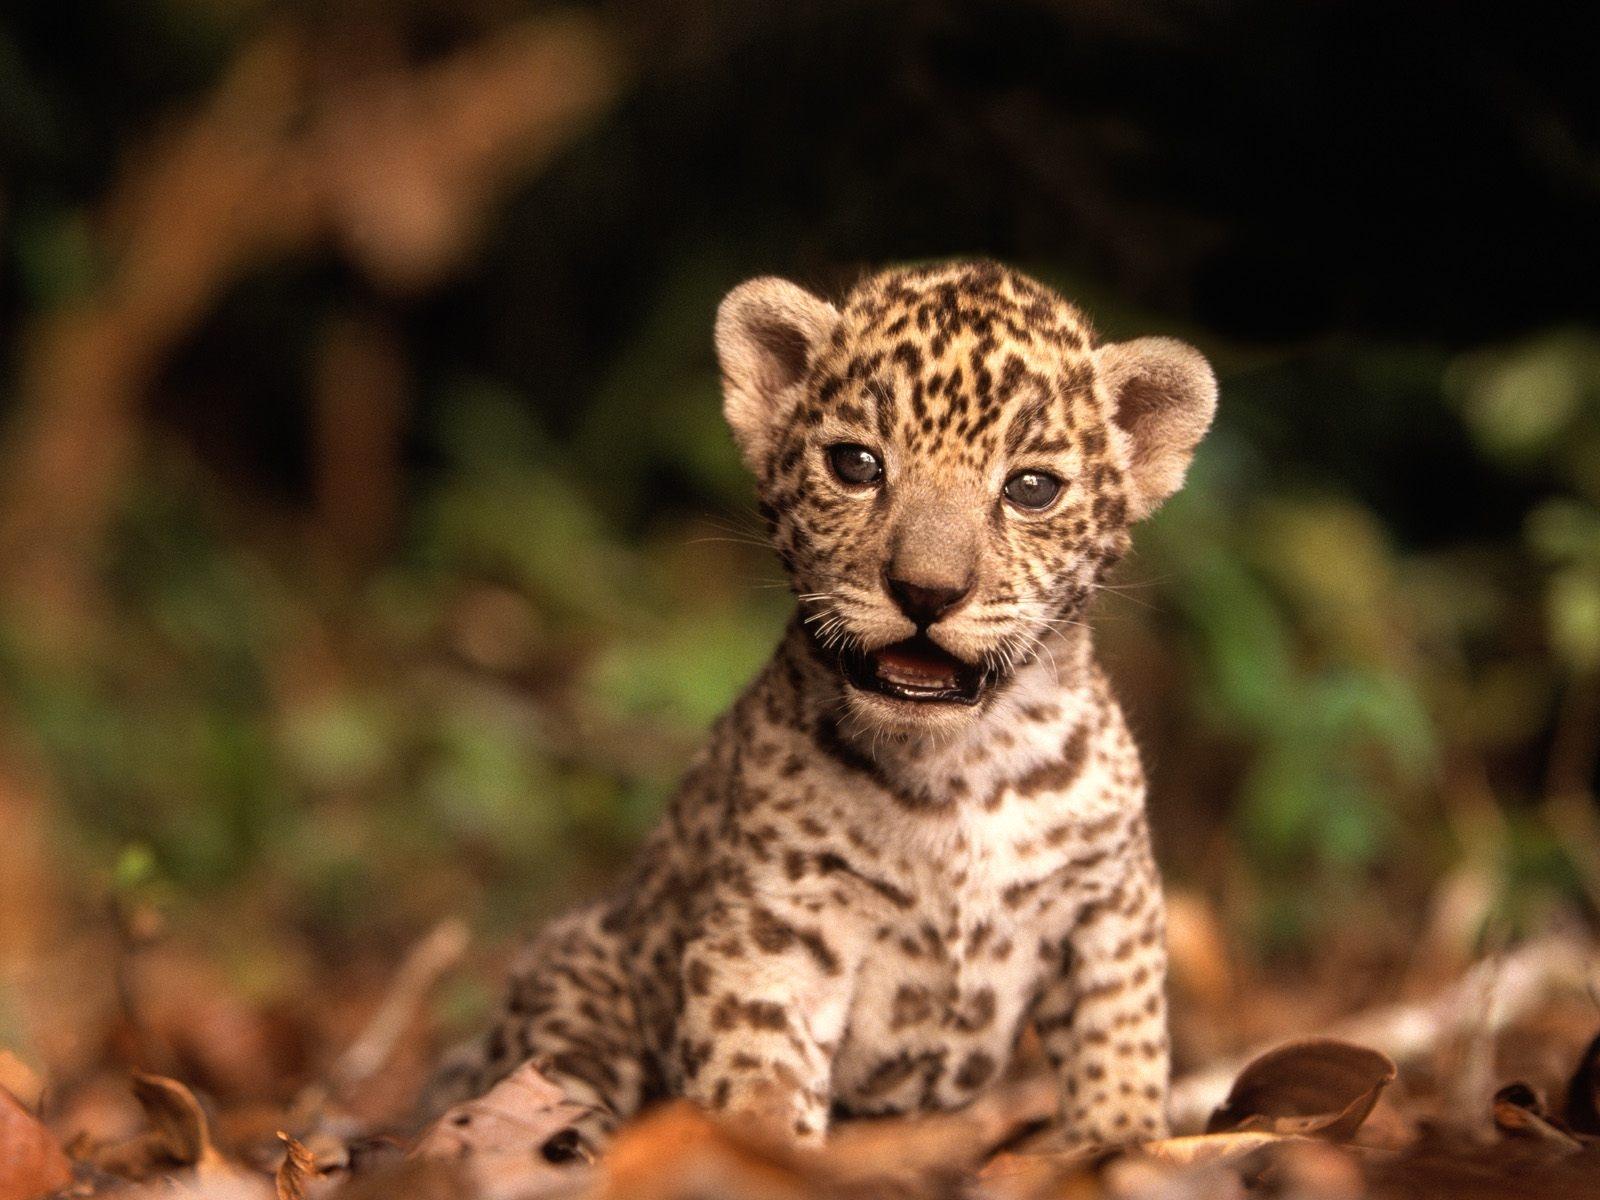 photos of cheetah